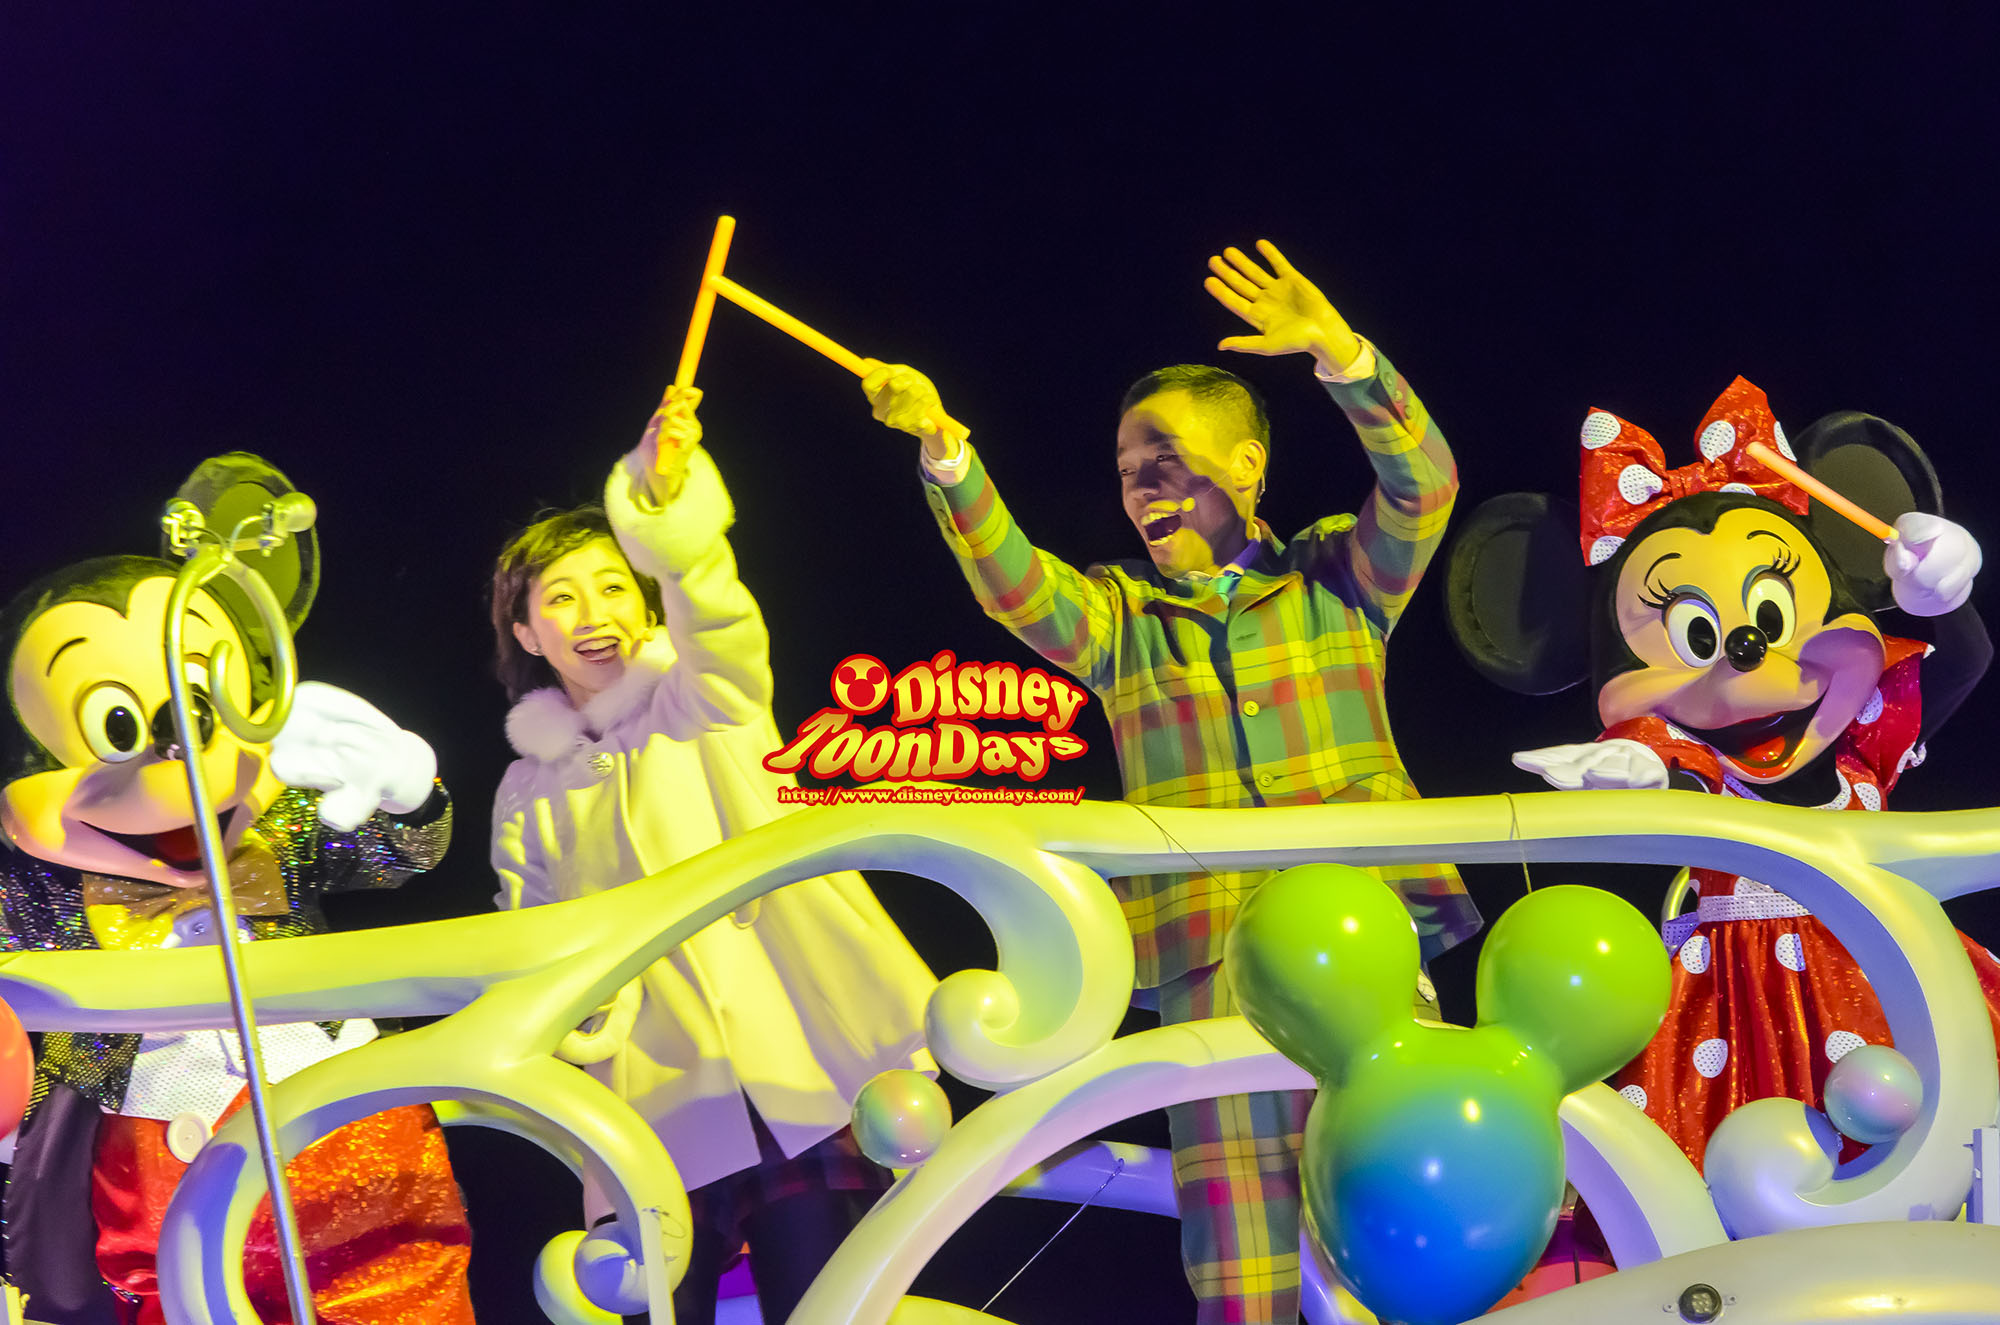 TDS ディズニーチャンネル プライベートイブニングパーティー スペシャルセレモニー ミッキーマウス ミニーマウス 倉益悠希 多田健二(COWCOW)